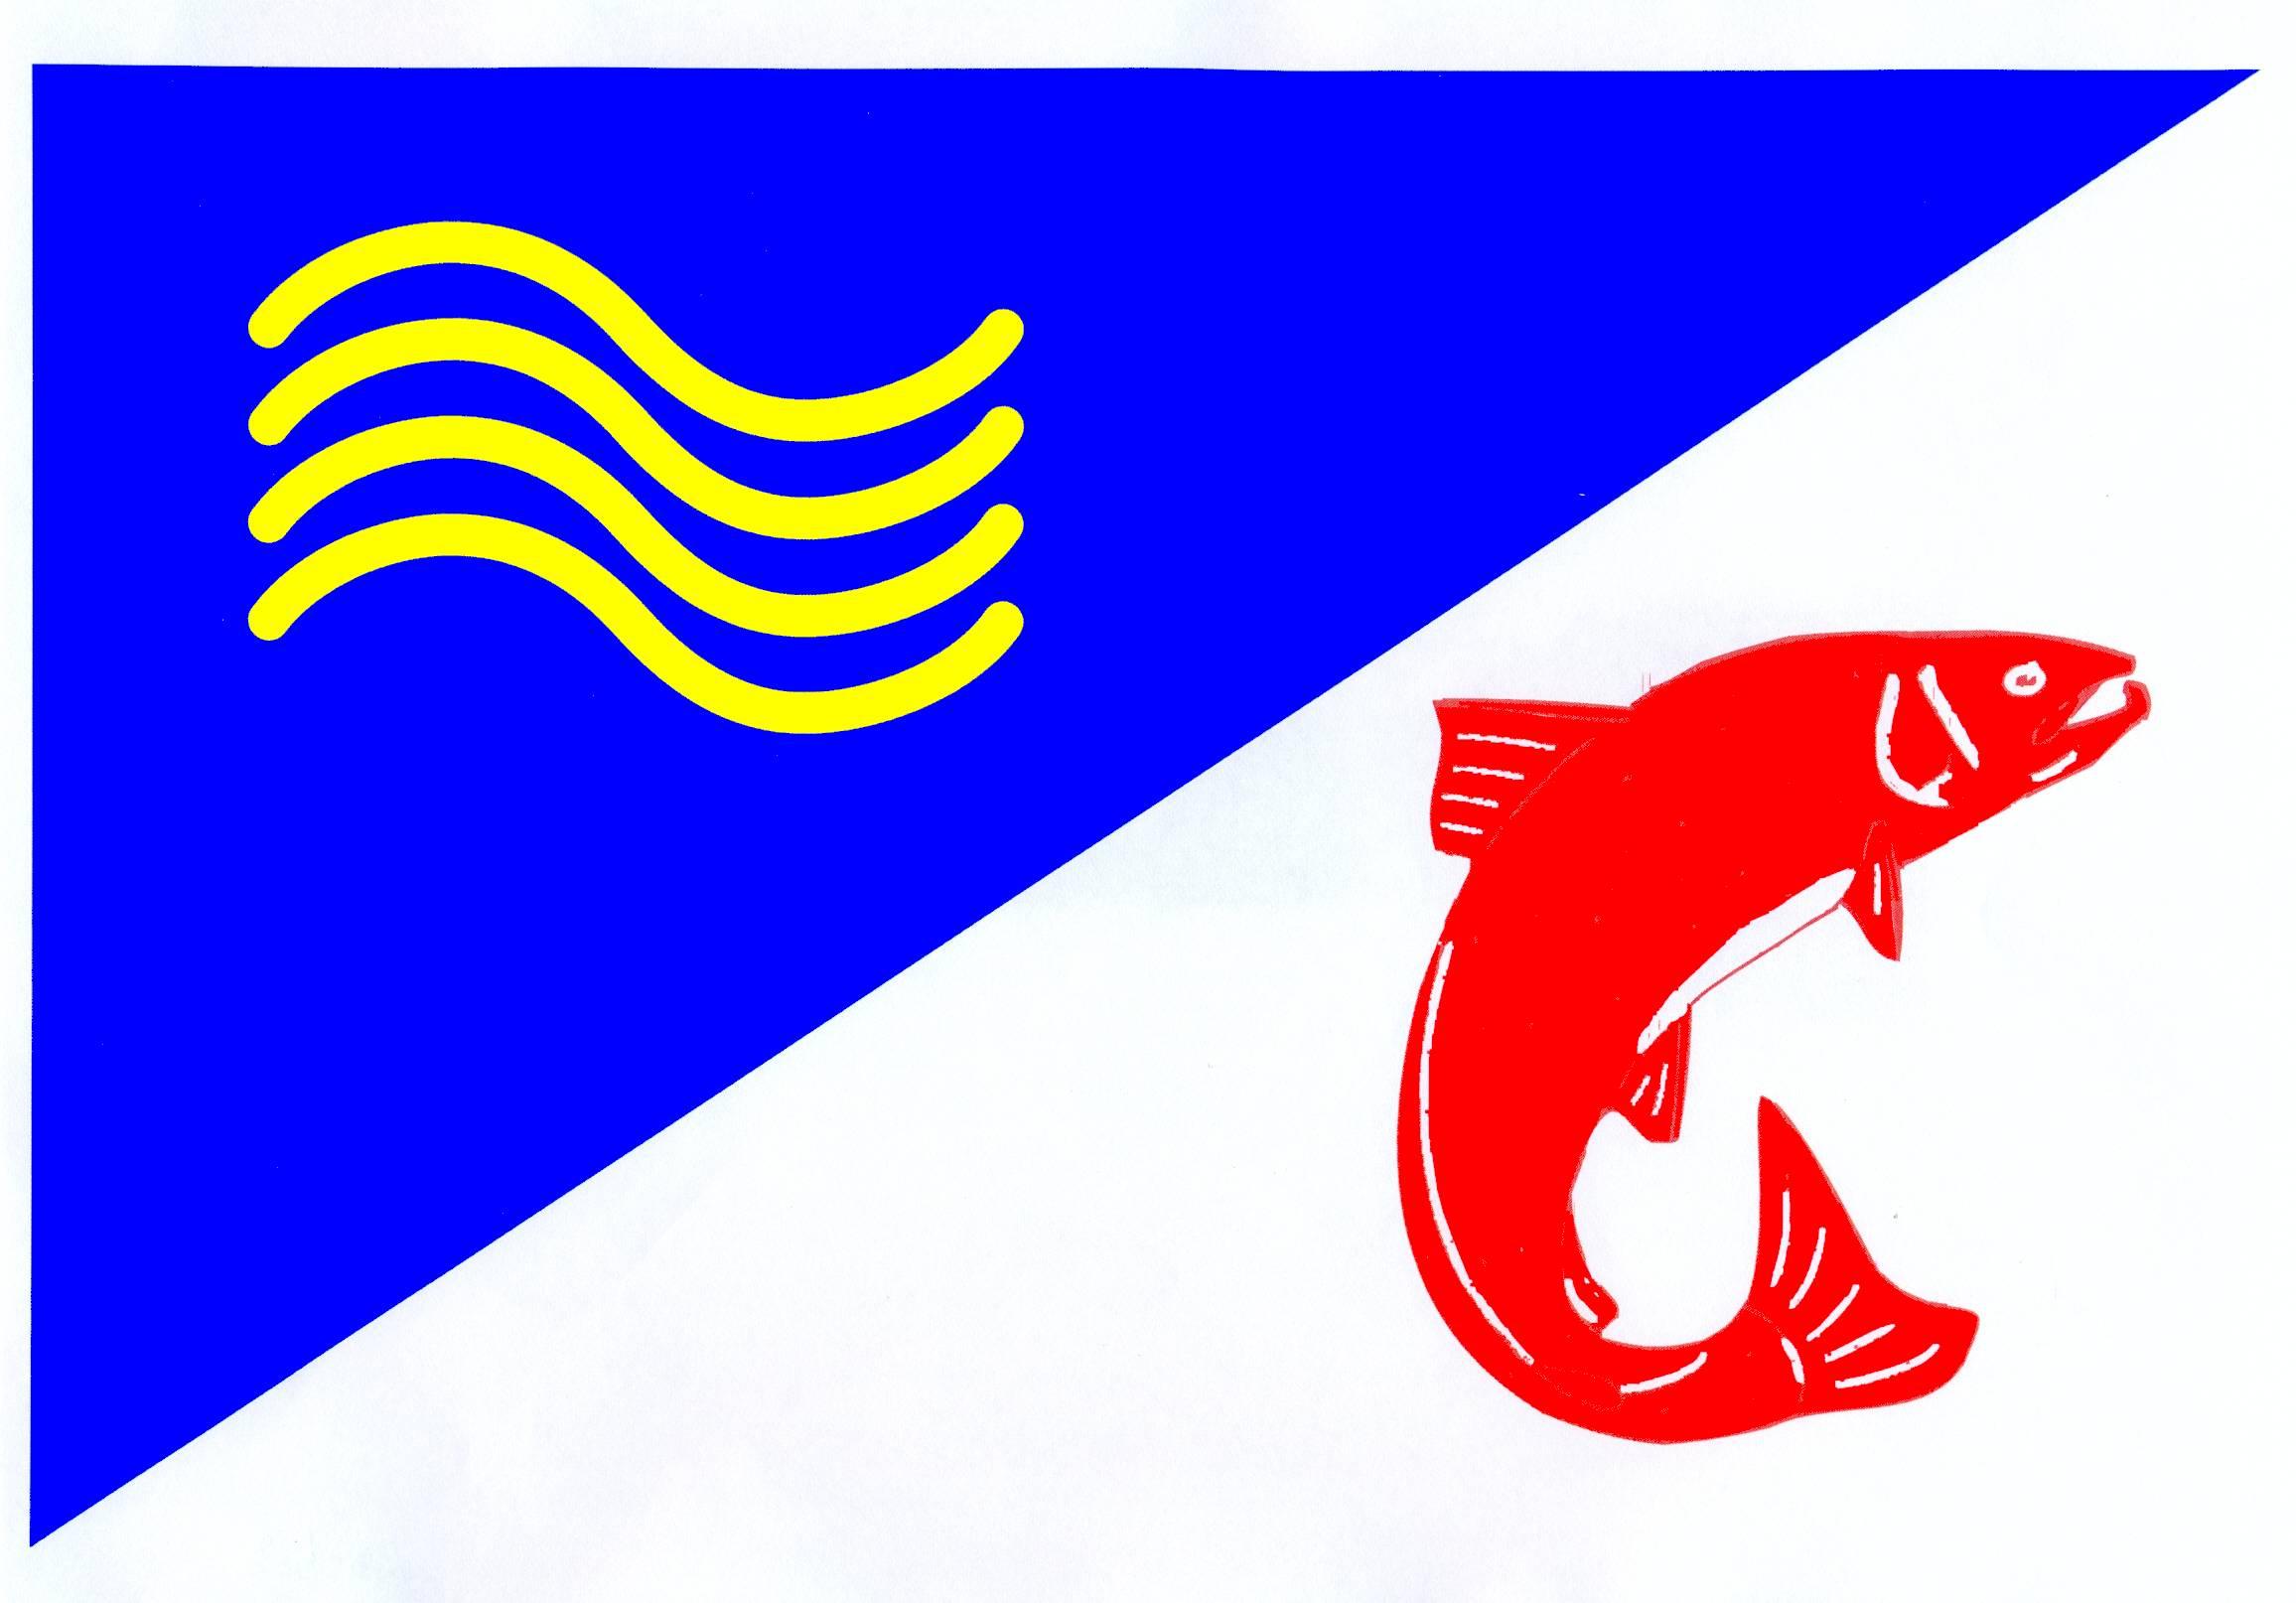 Flagge GemeindeLasbek, Kreis Stormarn